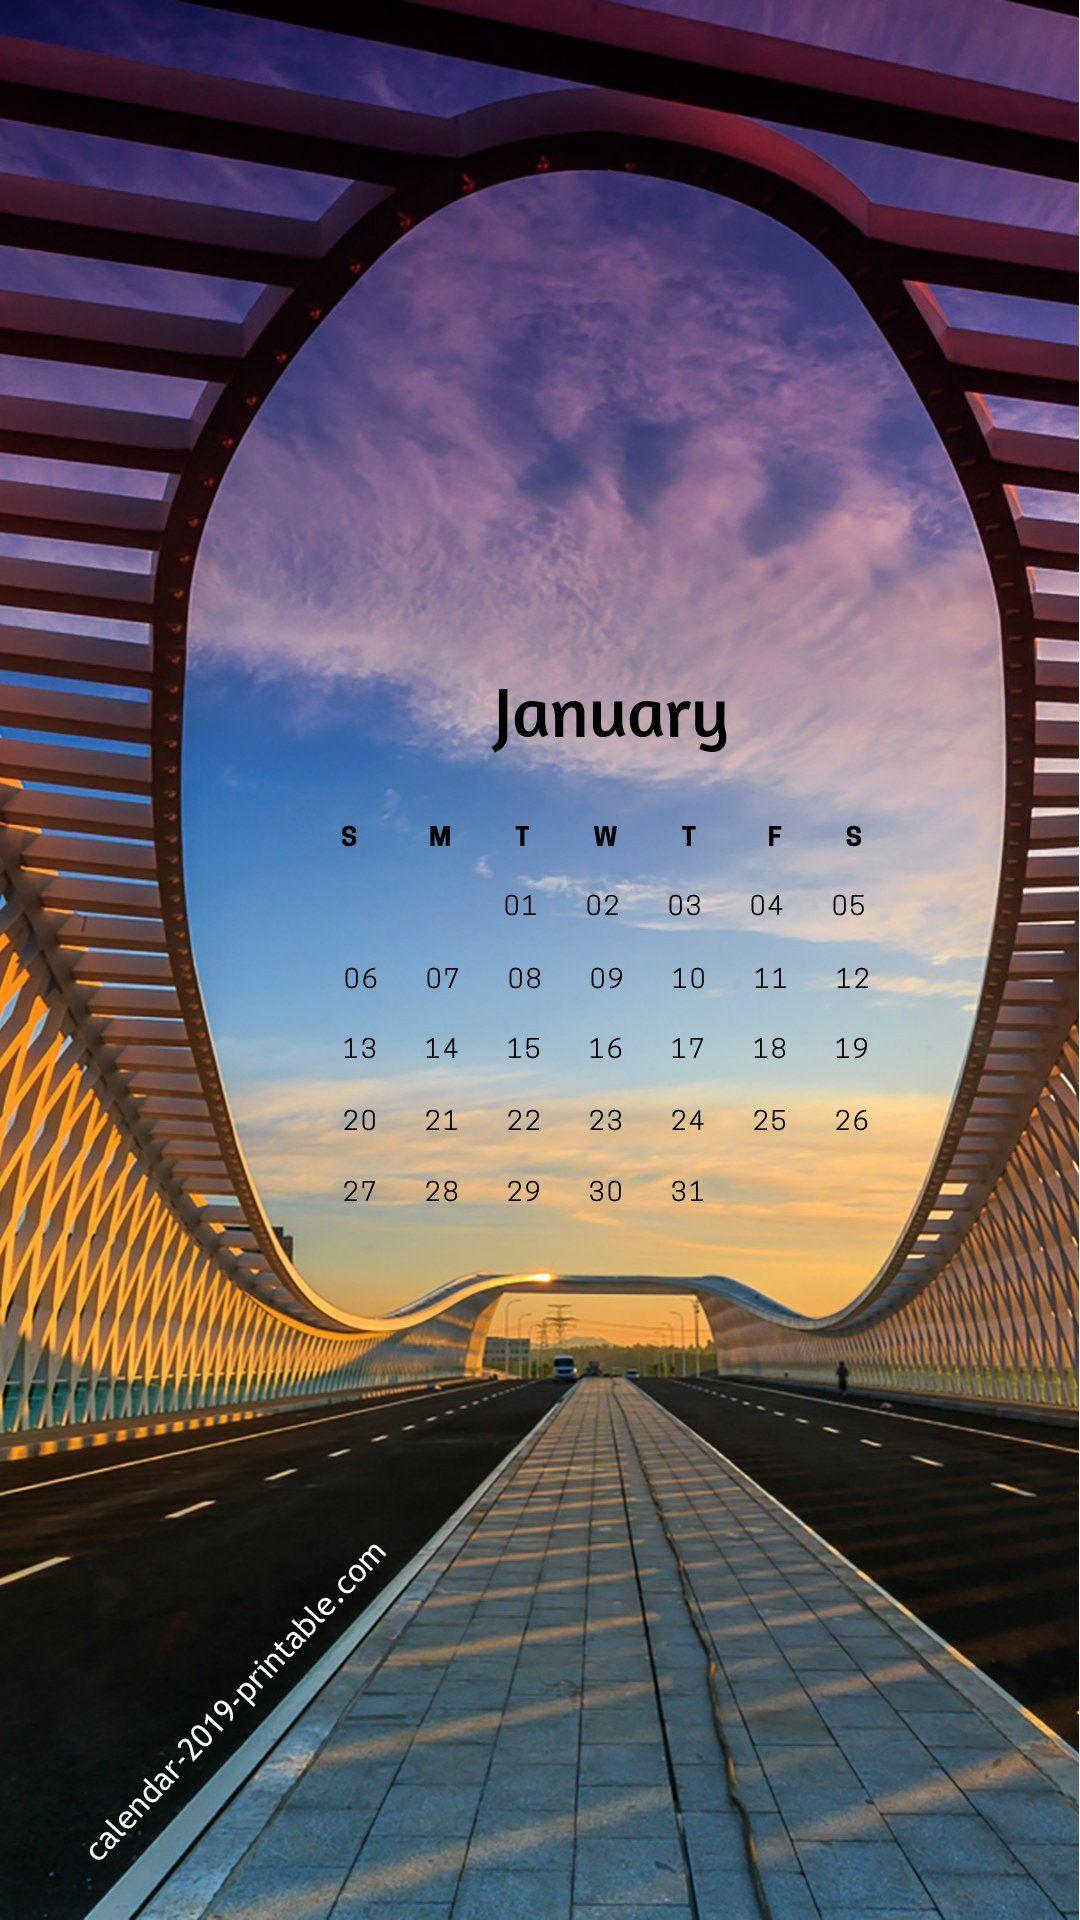 january 2019 iphone screen wallpaper Wallpaper ponsel